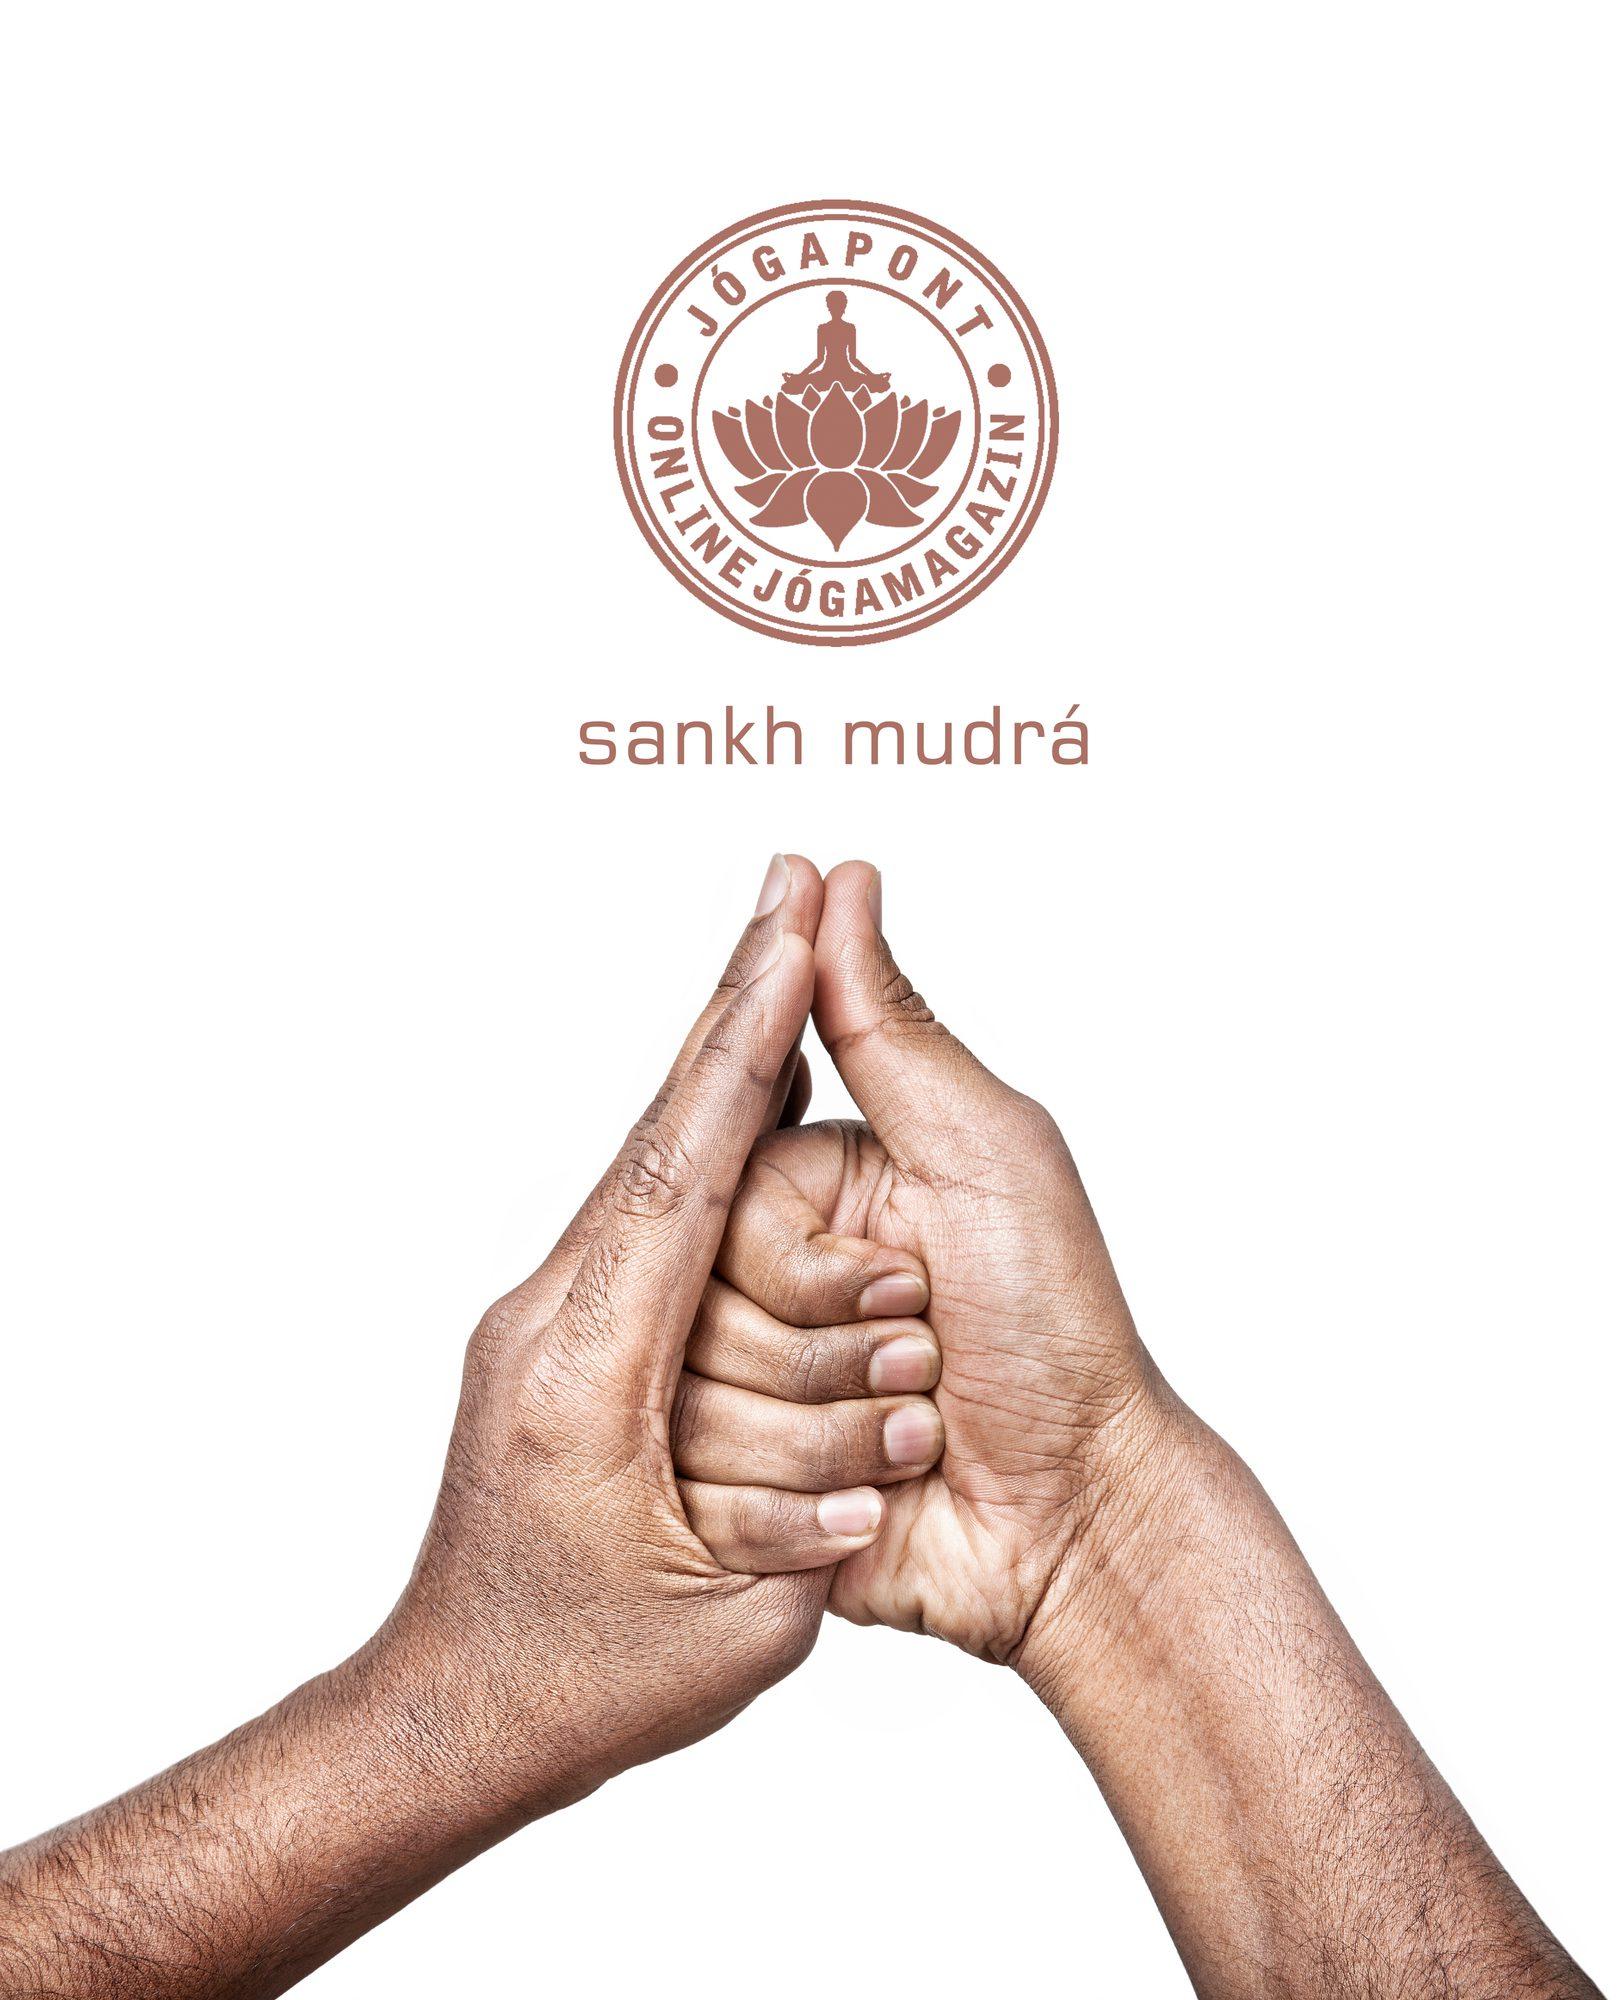 Sankh mudrá